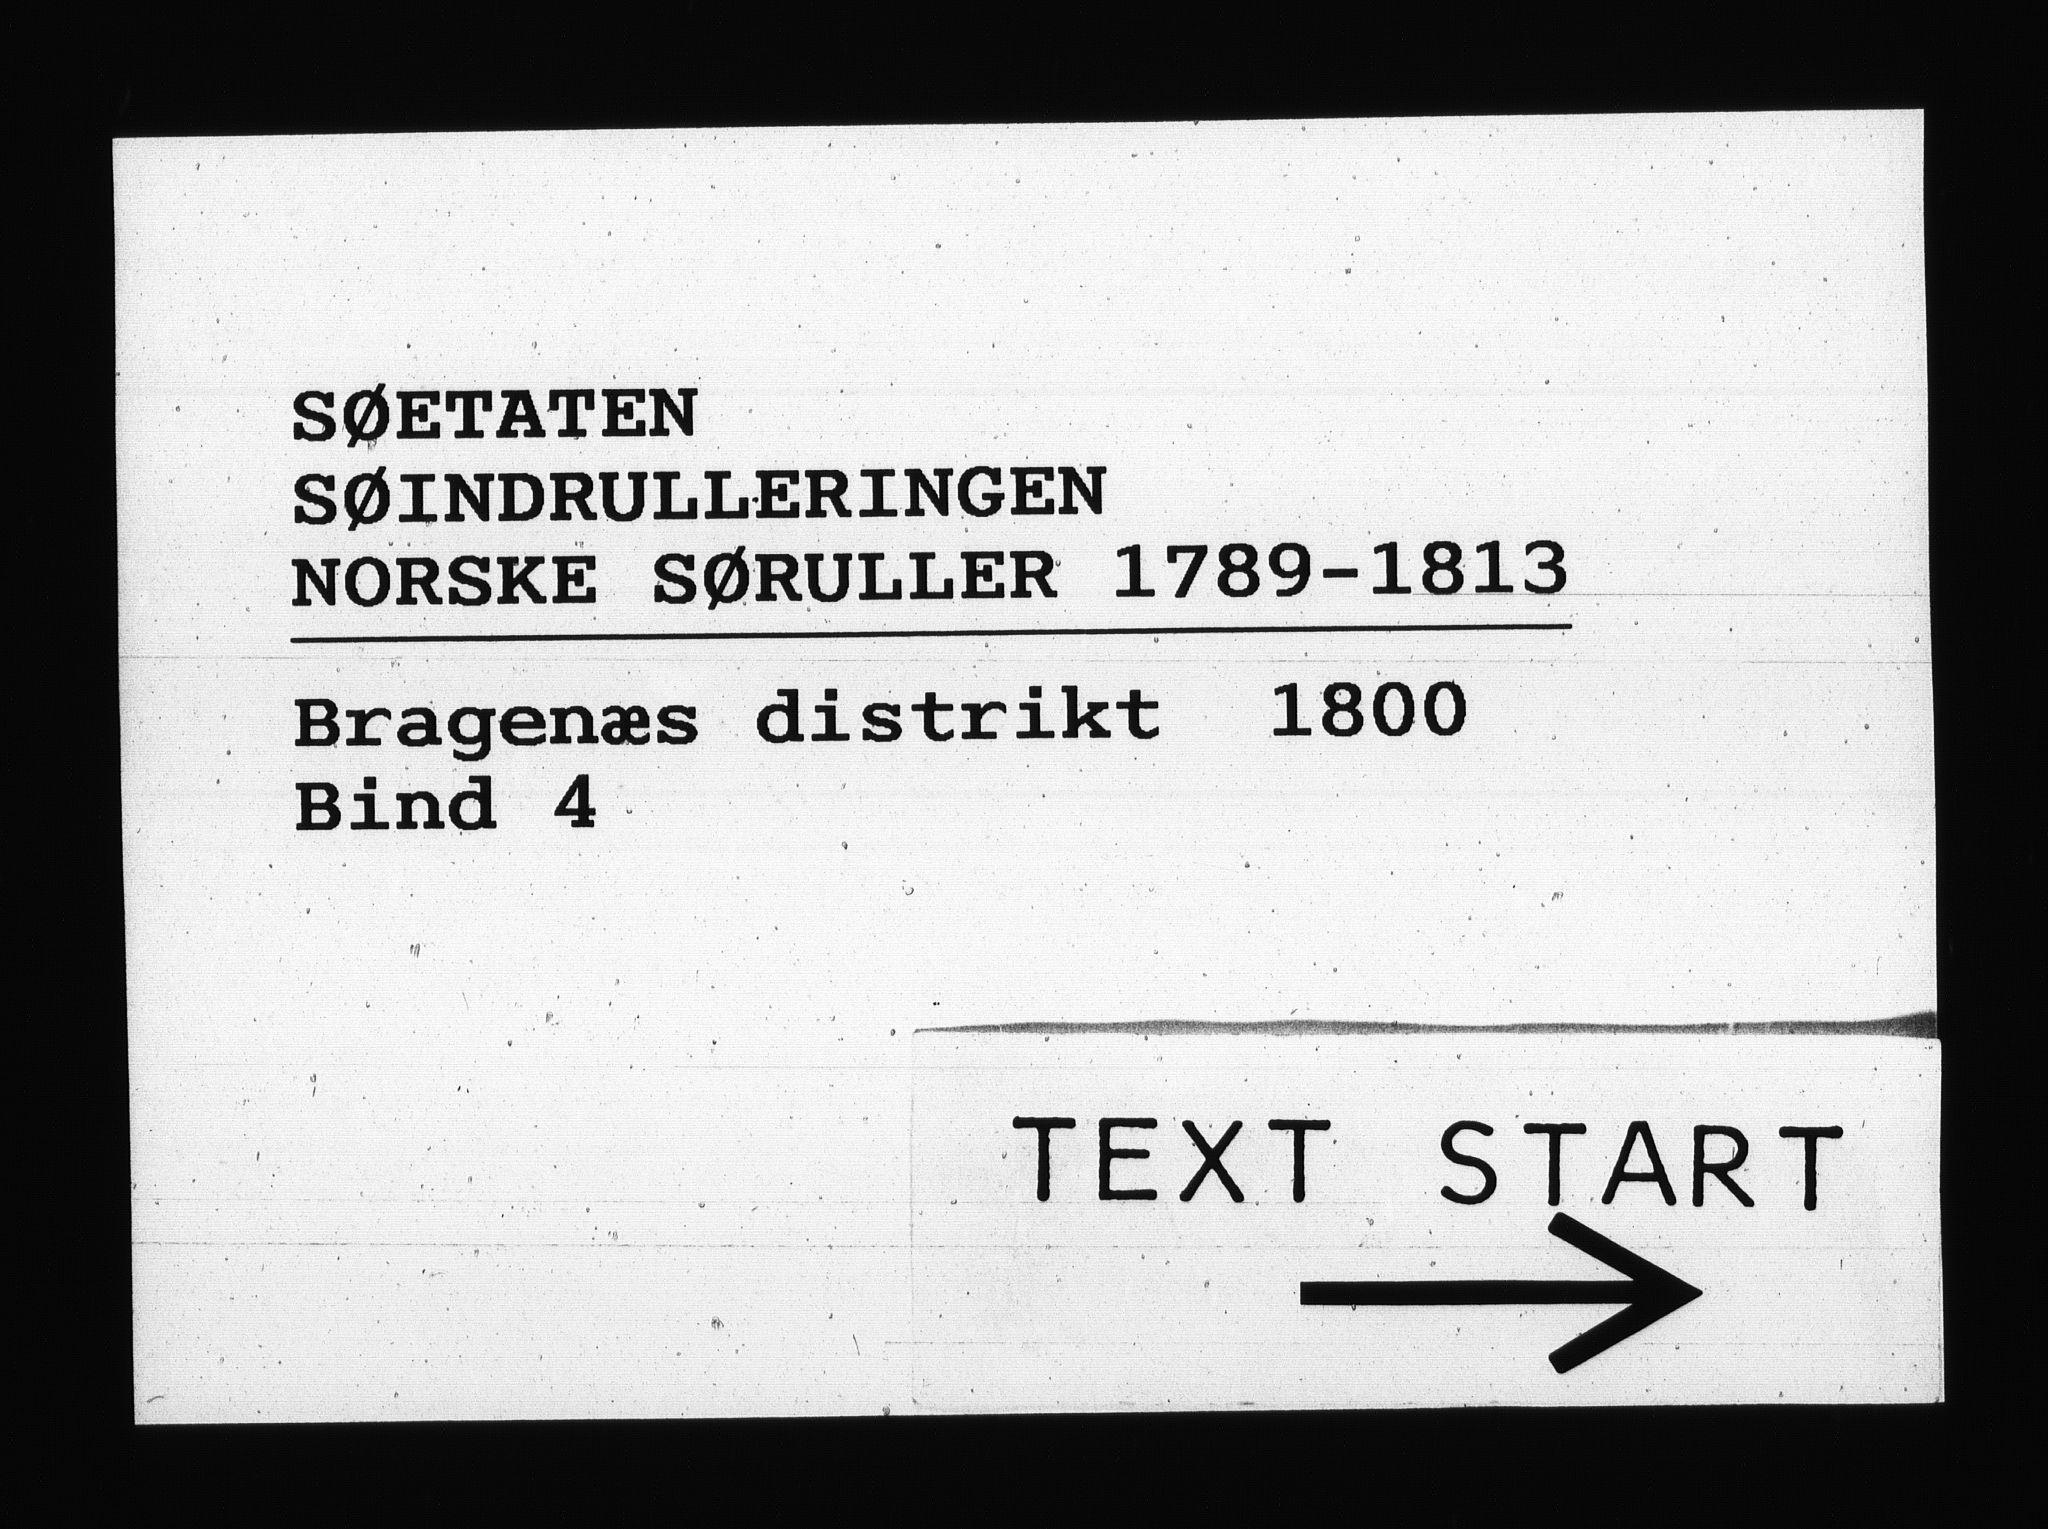 RA, Sjøetaten, F/L0131: Bragernes distrikt, bind 4, 1800